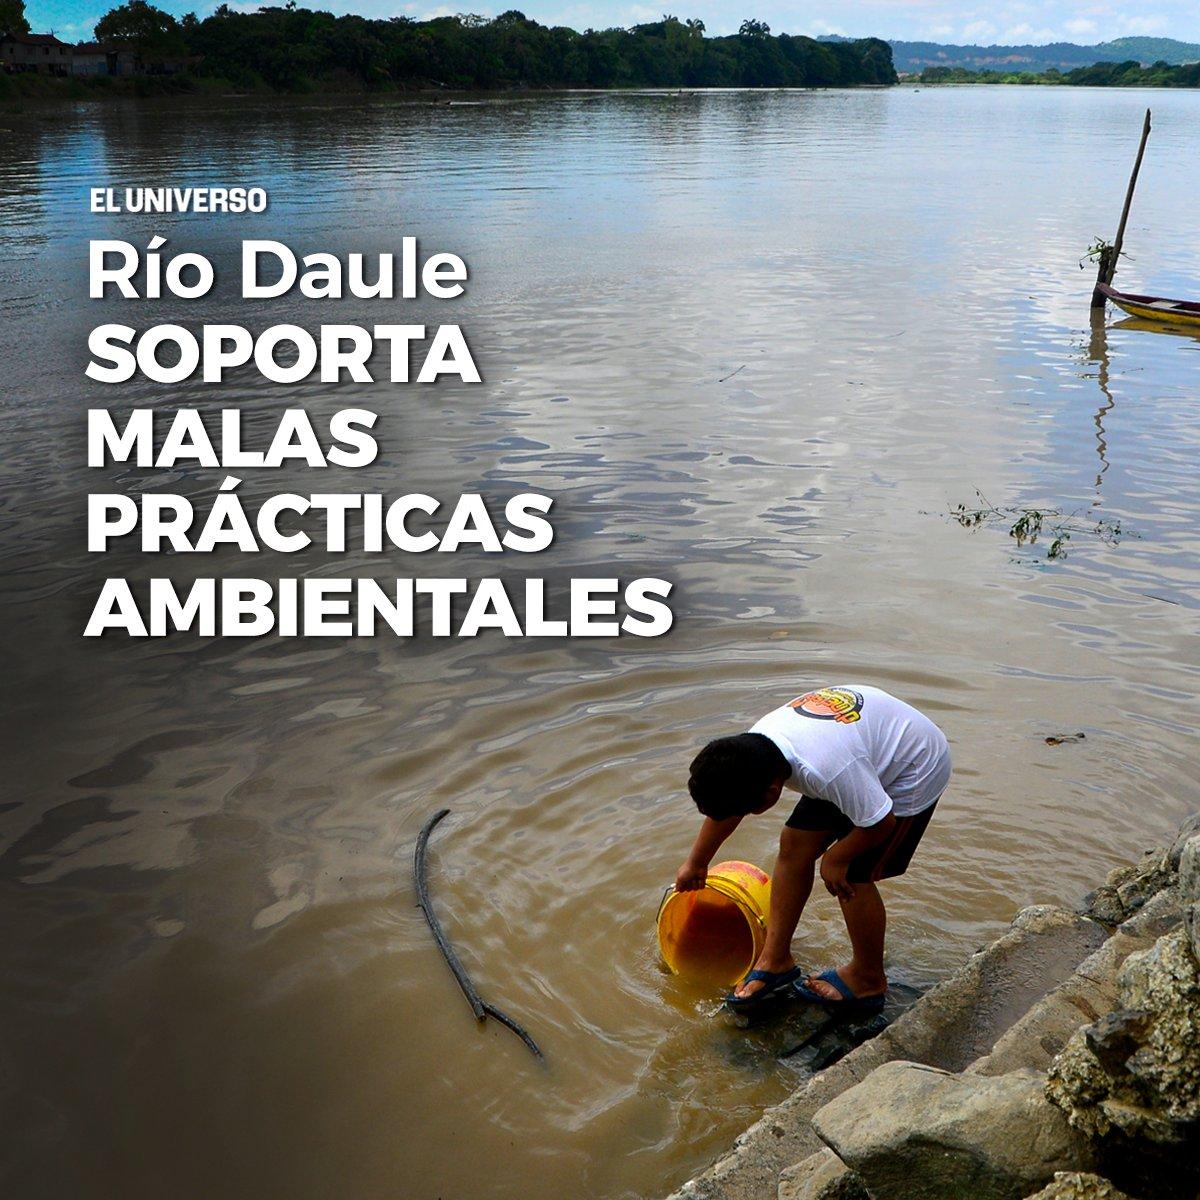 El río Daule recibe descargas residenciales, industriales y agrícolas sin tratamiento ►